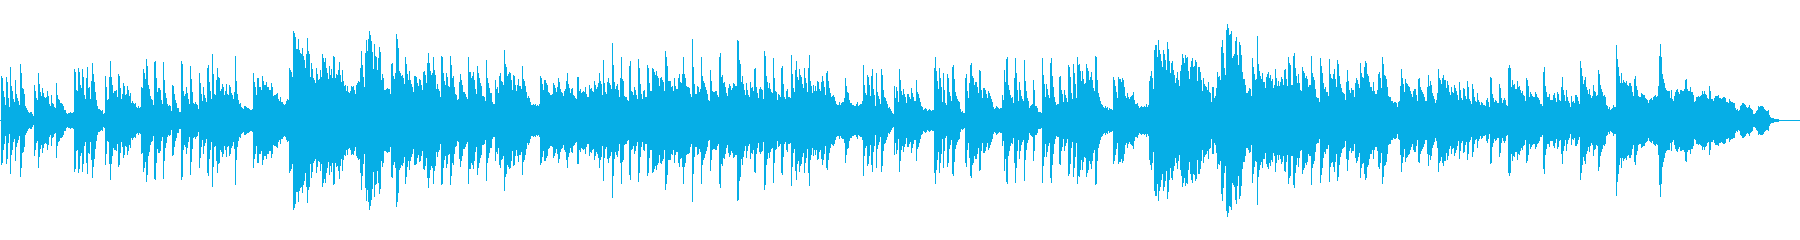 ノスタルジックで切ないピアノソロバラードの再生済みの波形